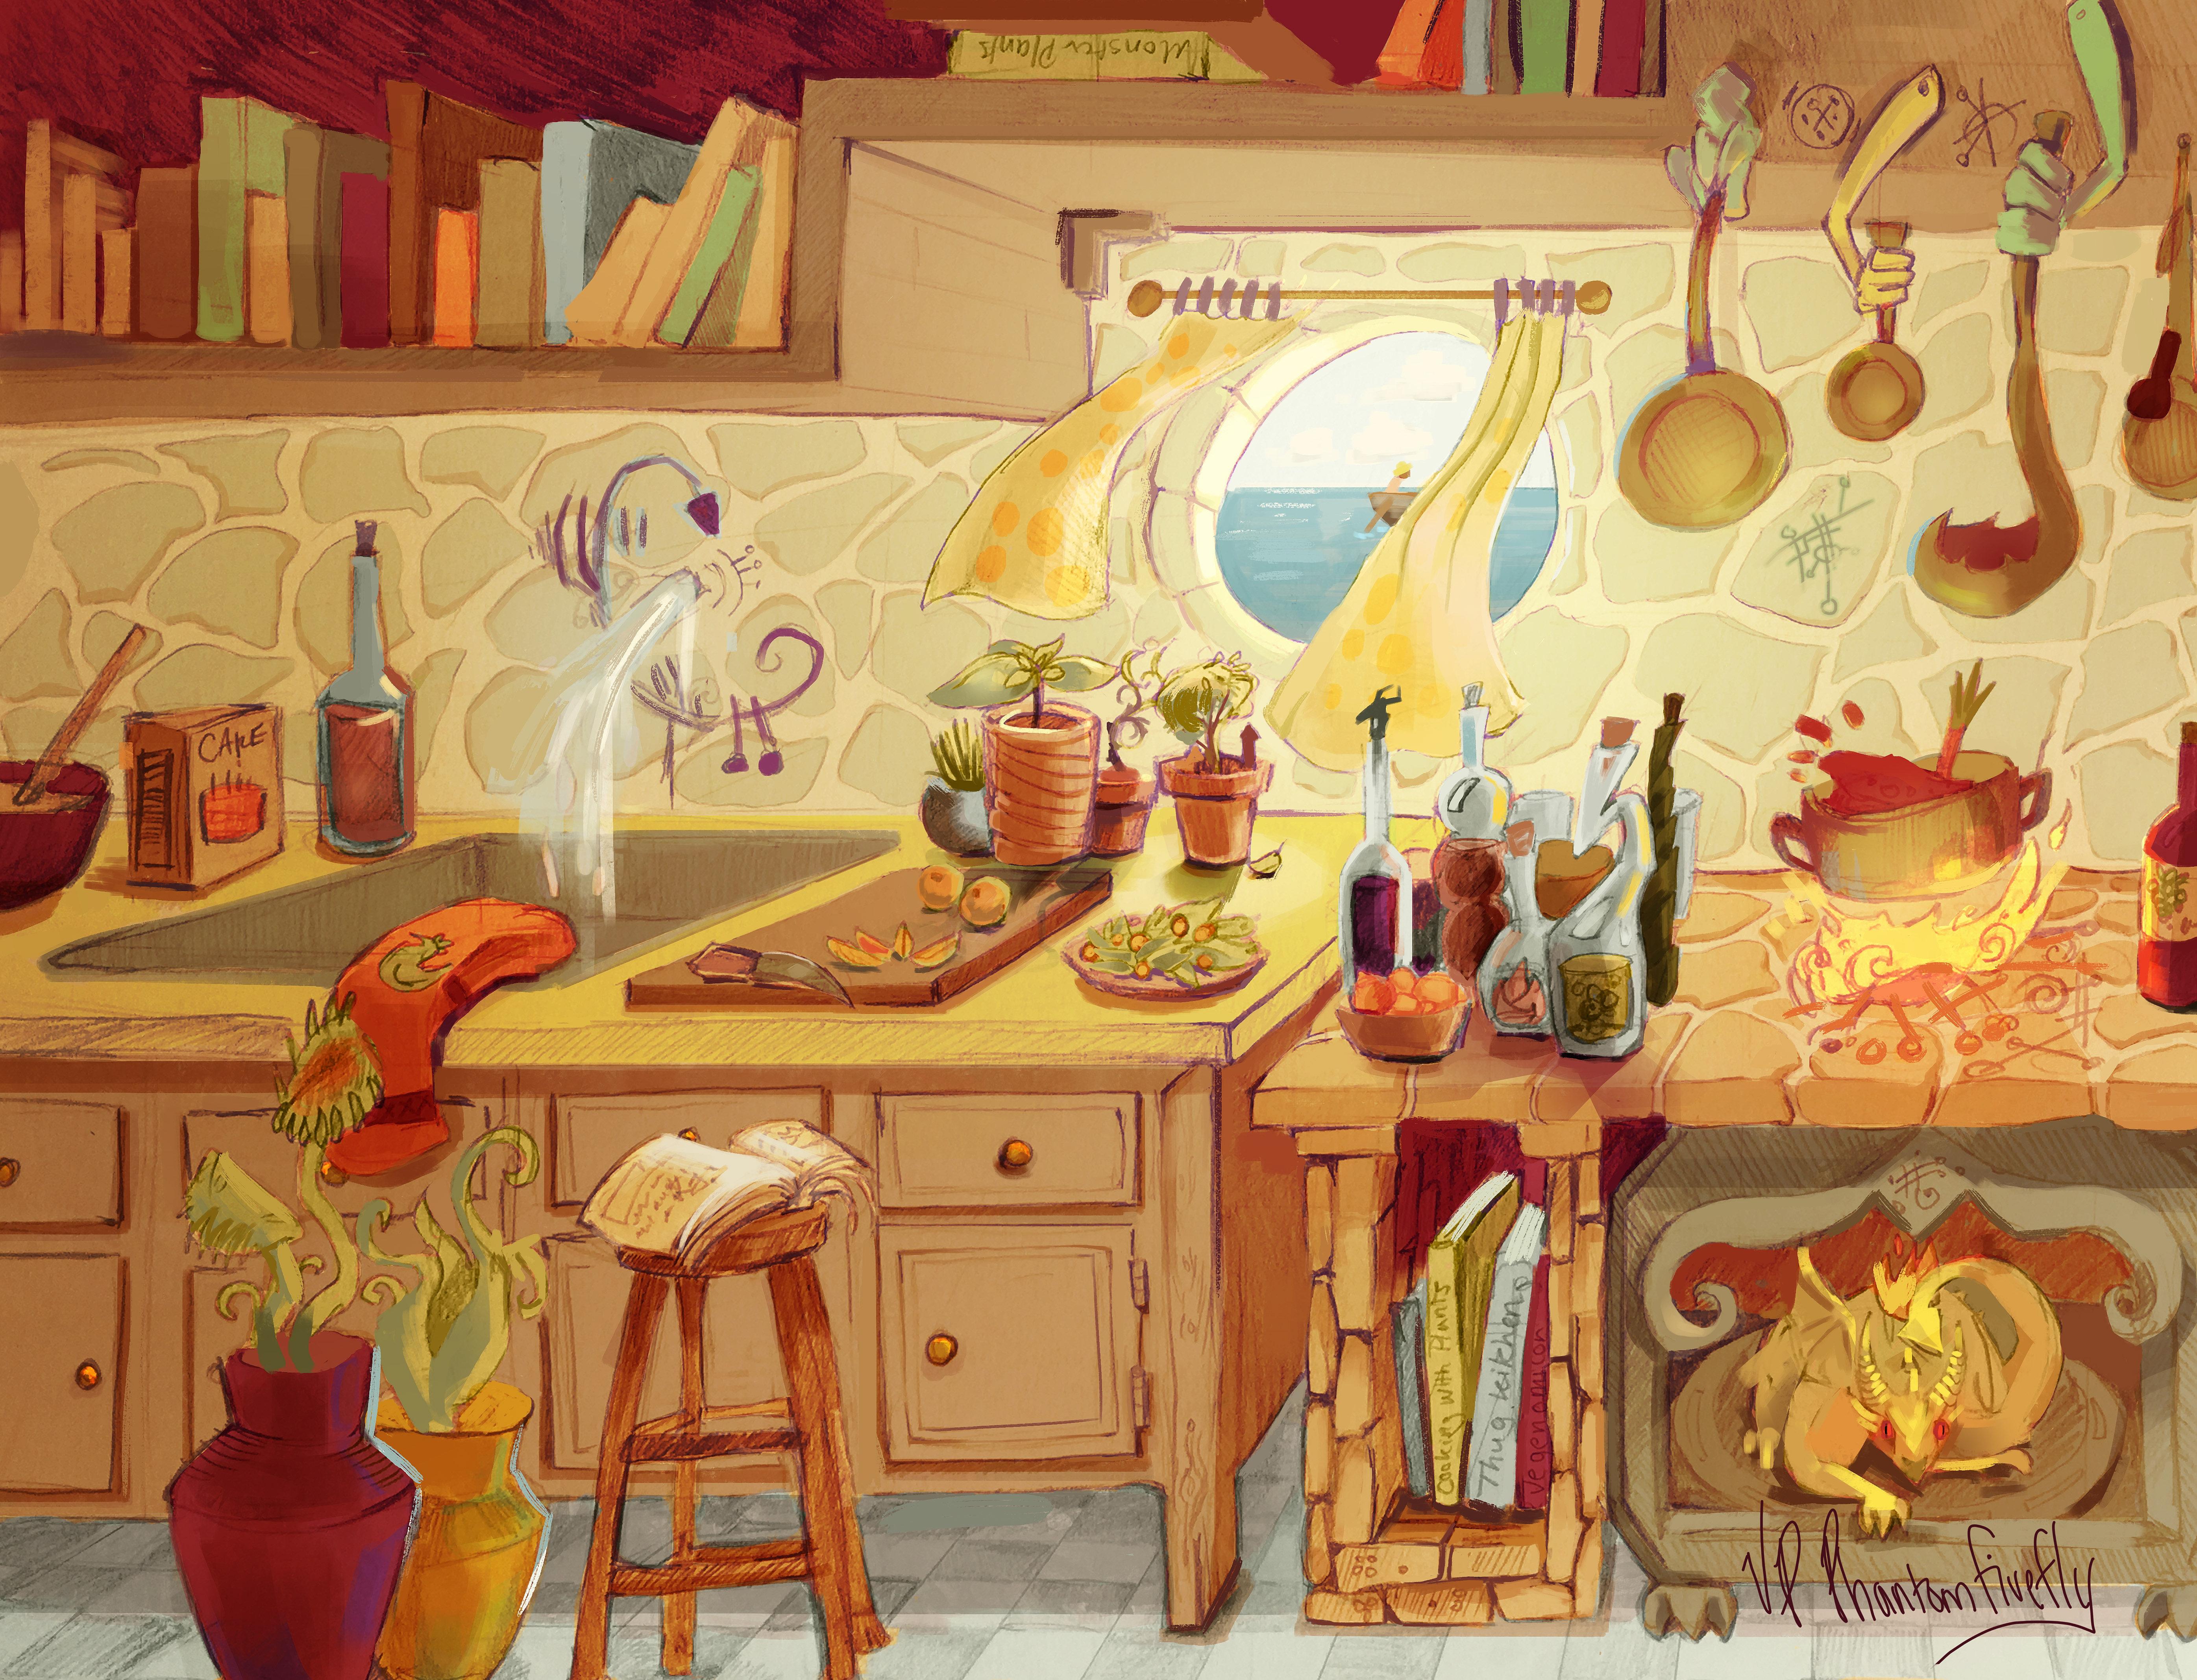 freelance kitchen designer home design ideas freelance kitchen designer cabinet designer job description kitchen designer skills kitchen design careers kitchen designer jobs